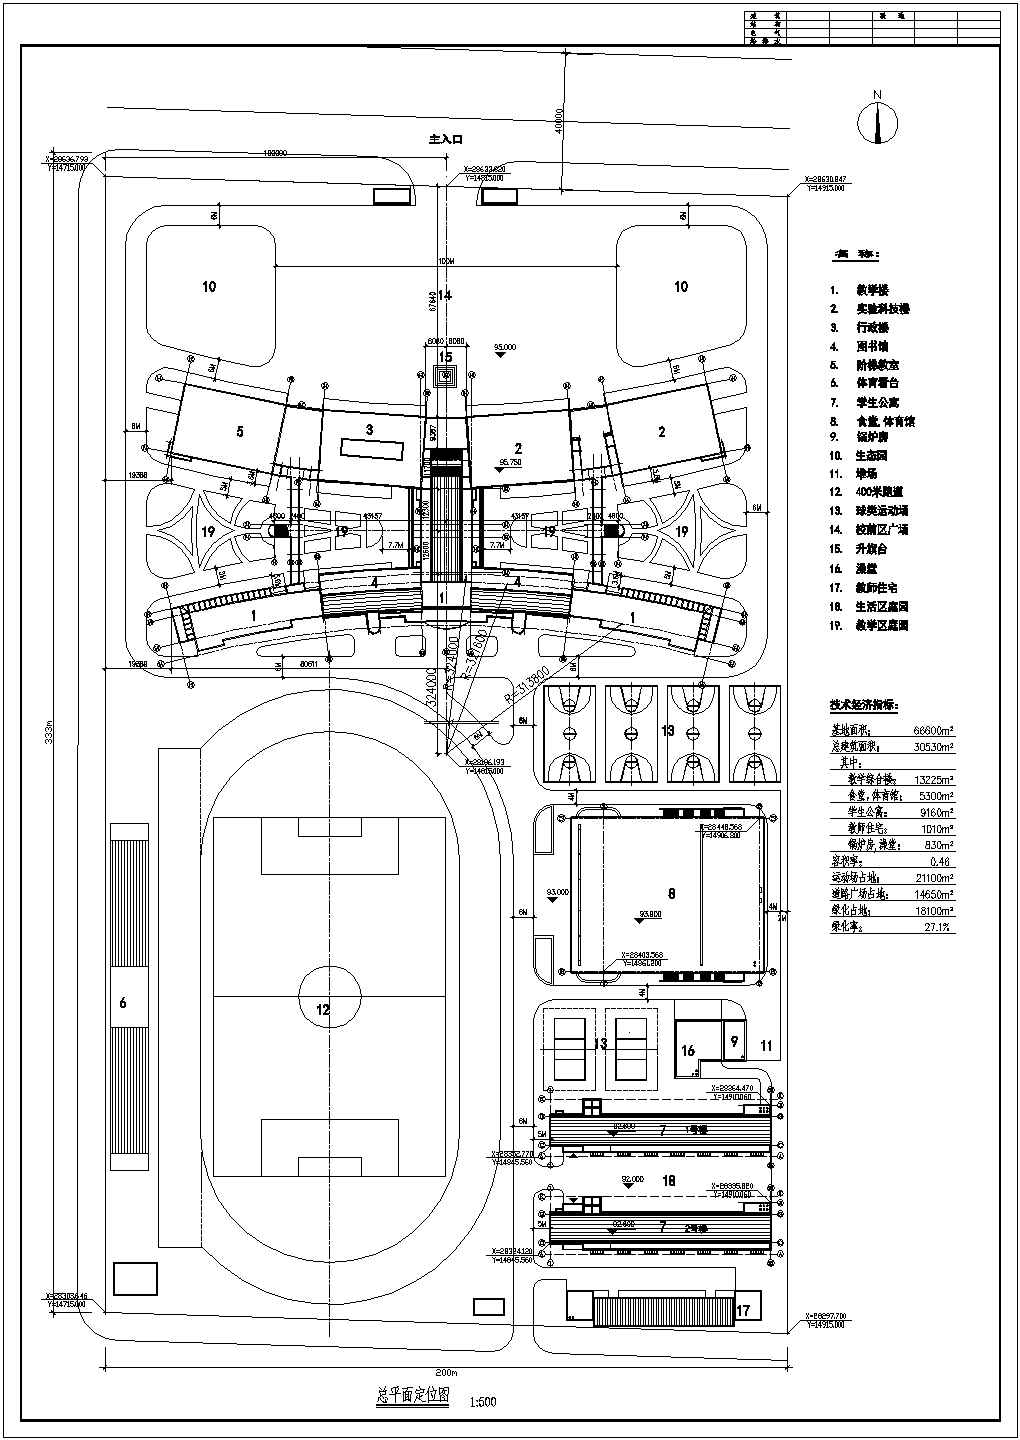 学校规划定位总平面设计cad图纸图片1